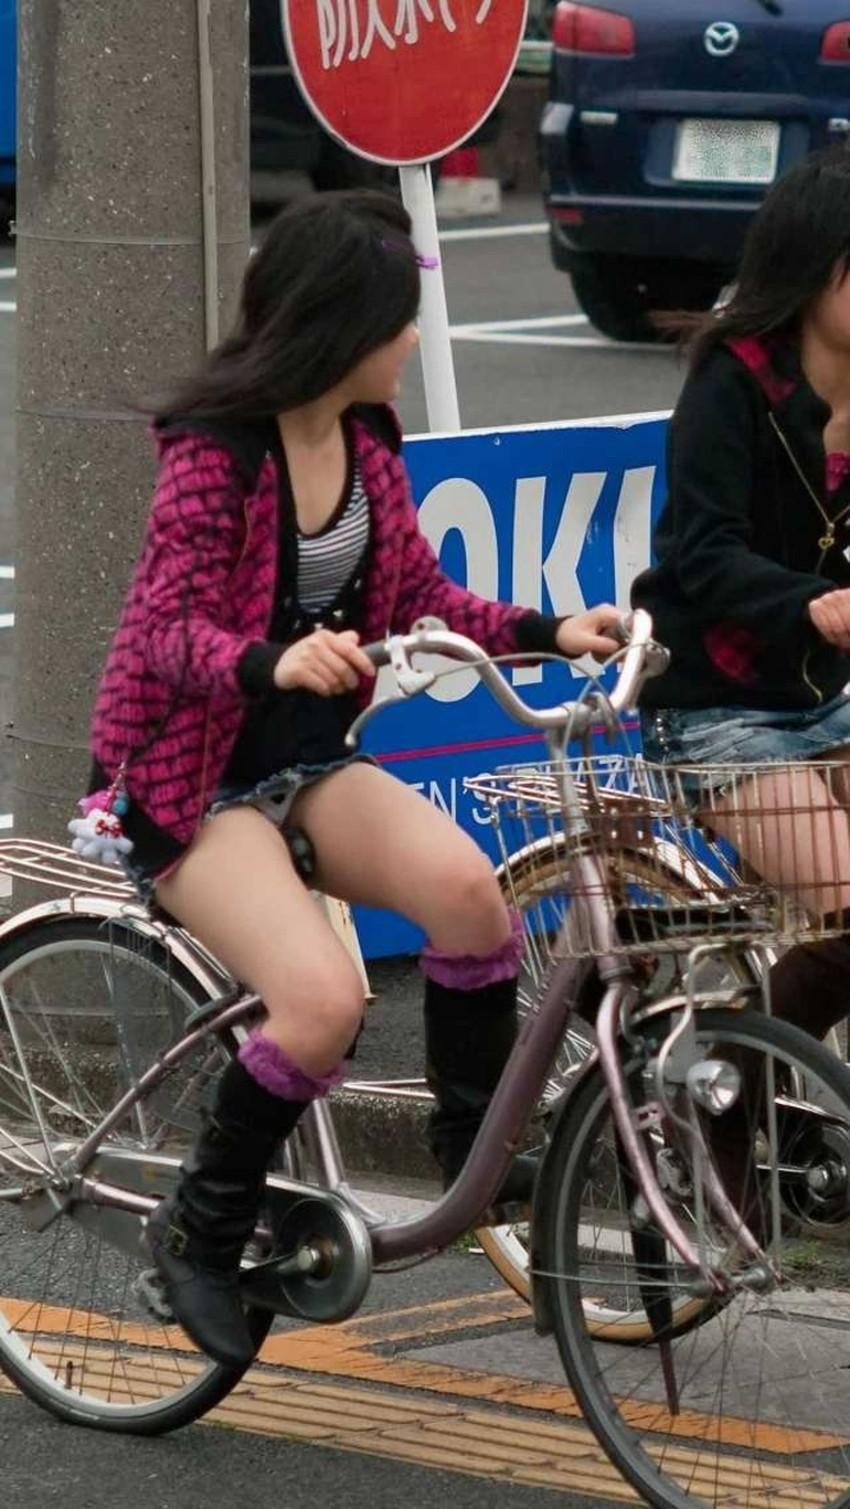 【チャリパンチラエロ画像】ヒラヒラスカートの自転車女子は要注意!走行中や停車中にパンチラした瞬間を盗撮したチャリパンチラのエロ画像集!ww【80枚】 71